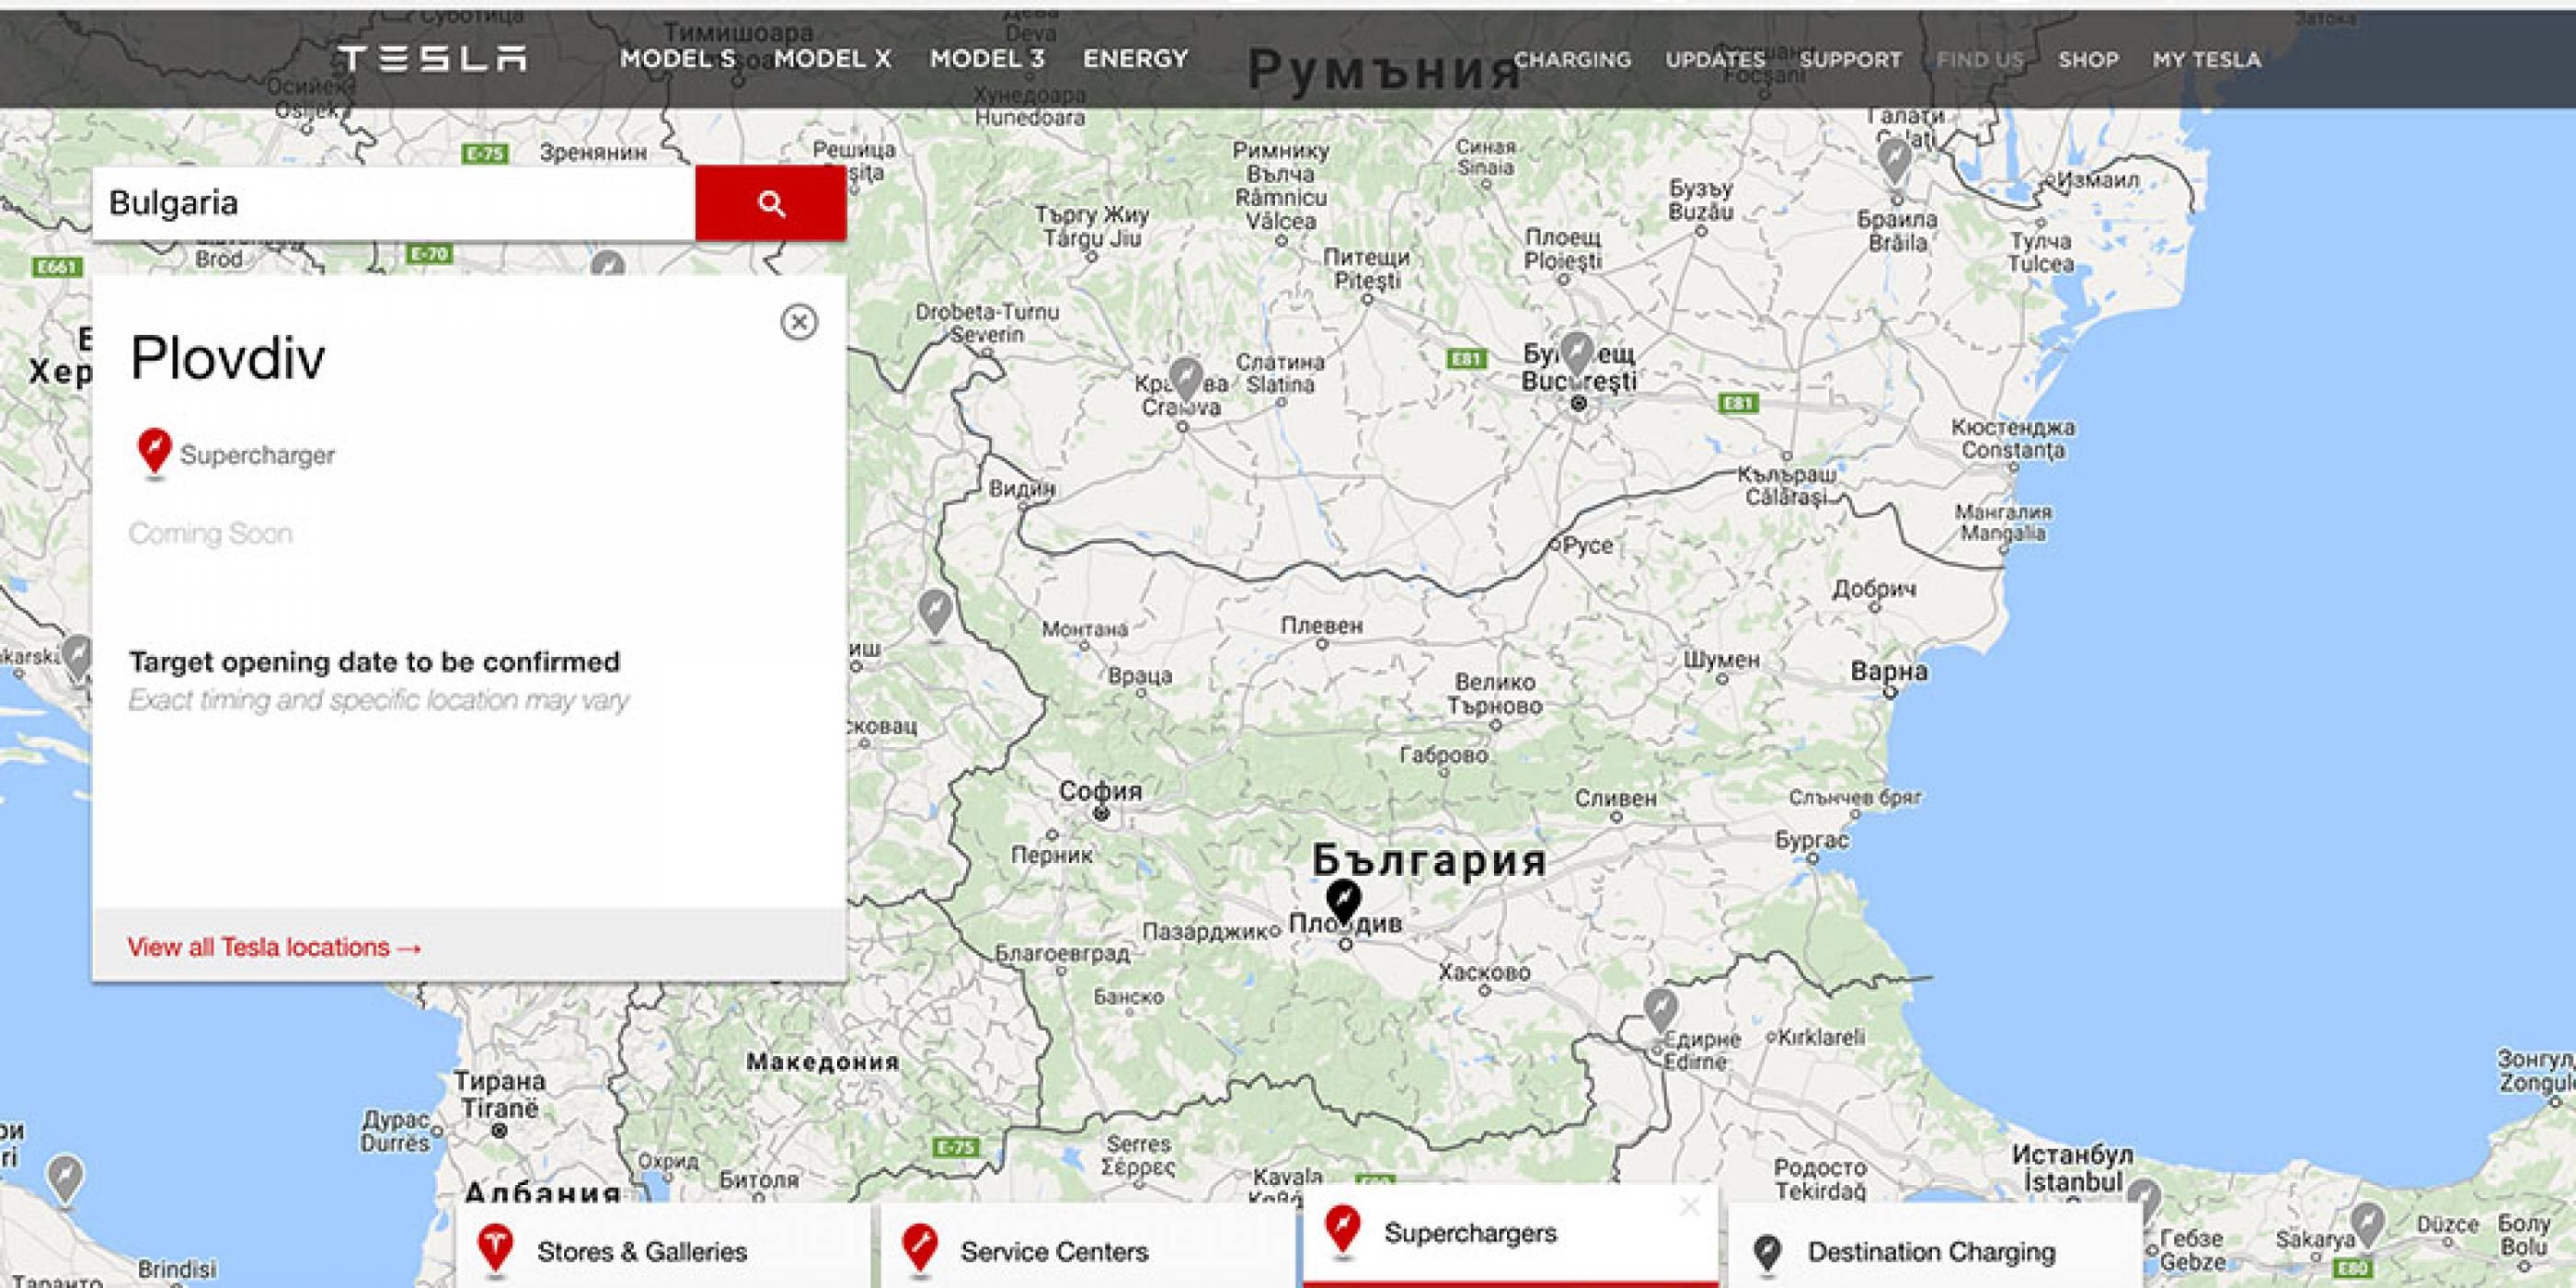 Първата зарядна станция на Tesla в България ще бъде изградена в Пловдив